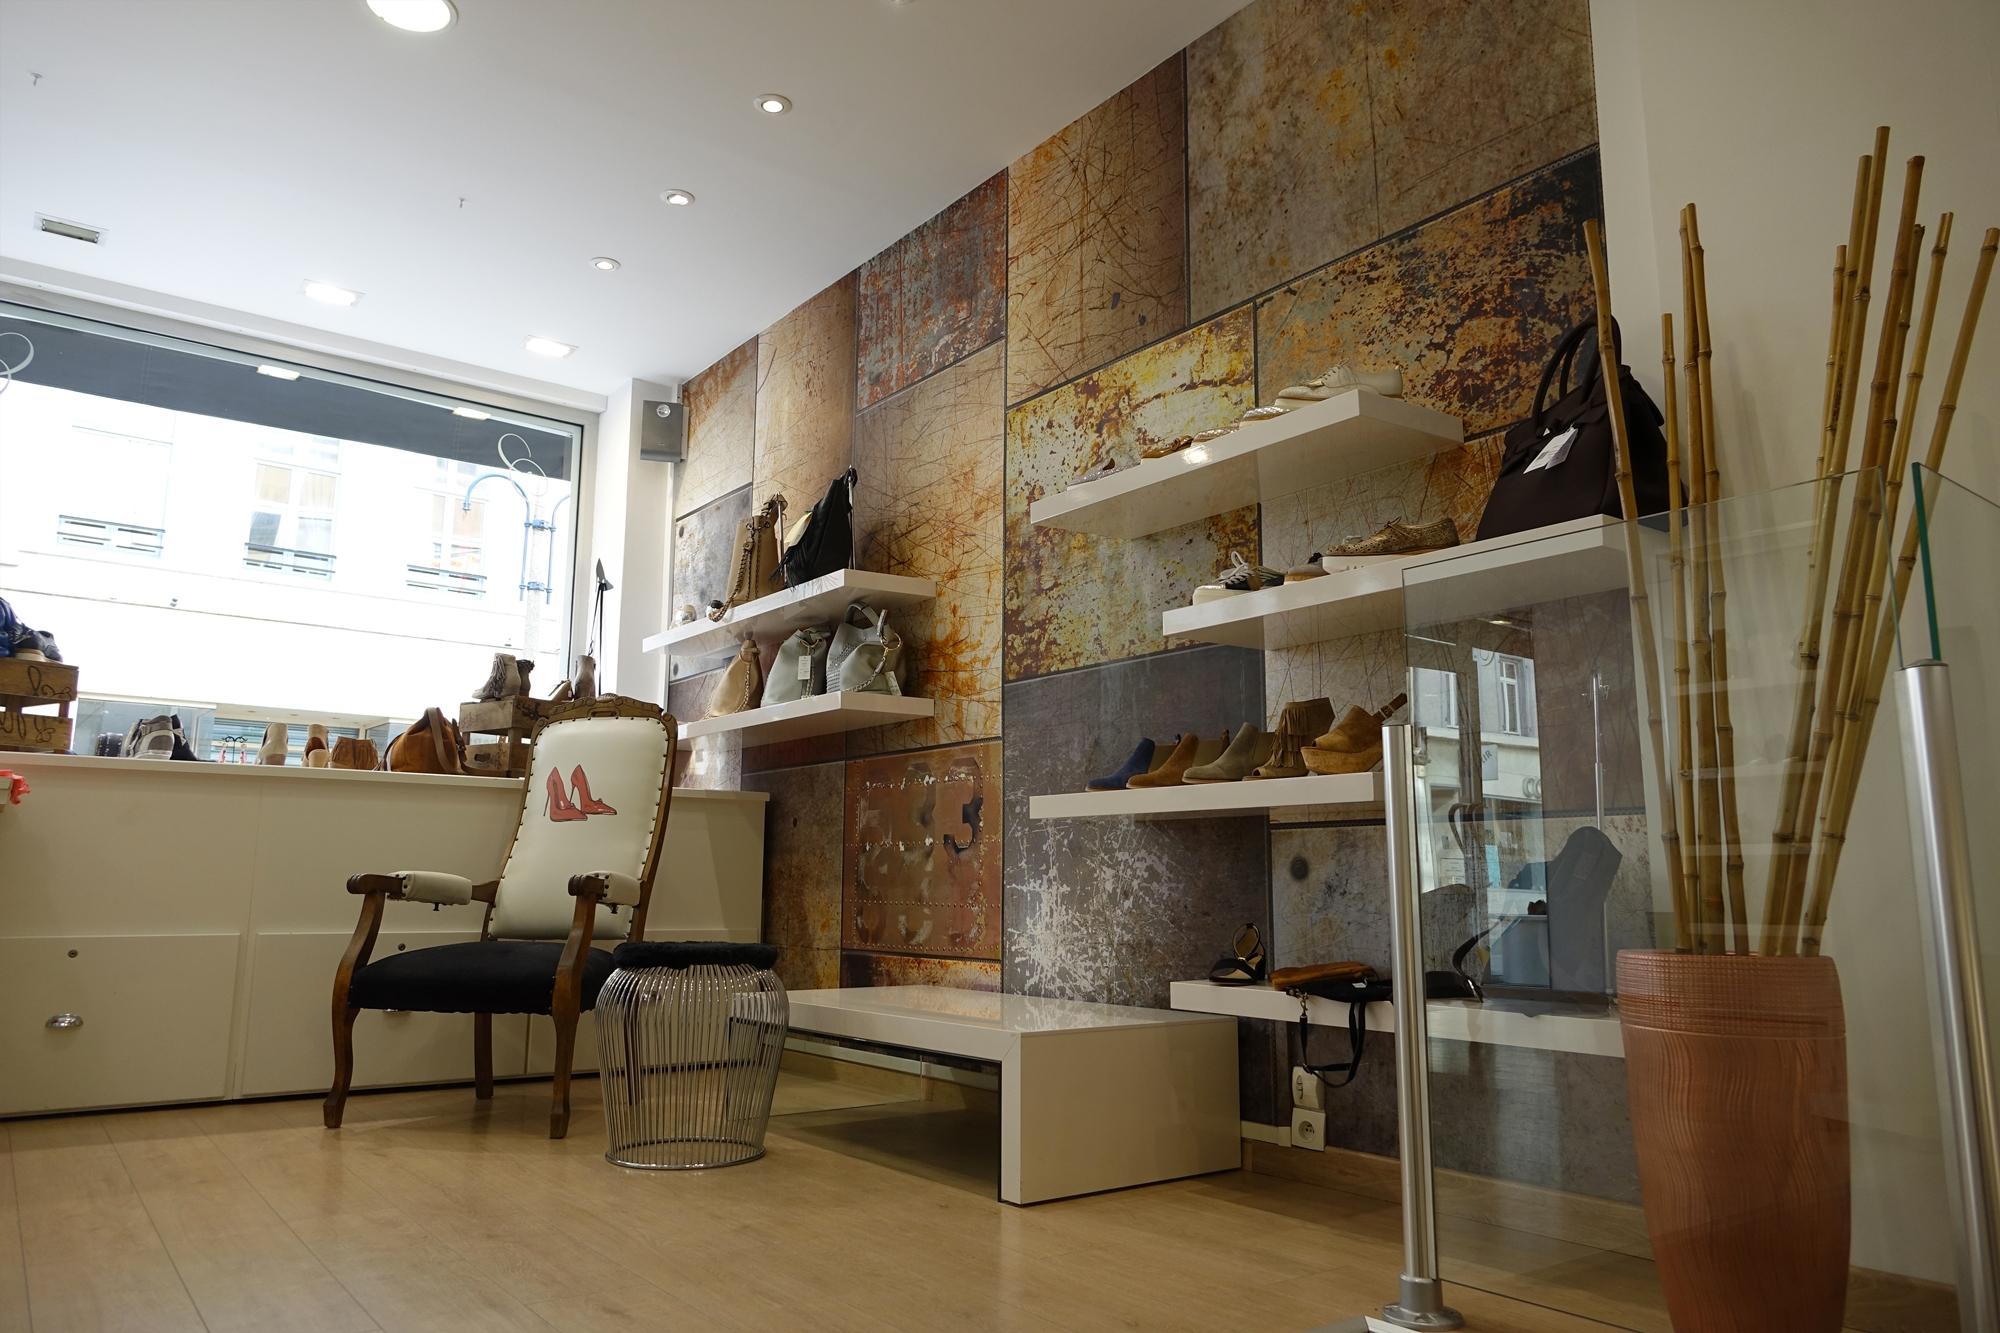 mur-metalise-byzance-chaussures Architecte interieur boulogne sur mer